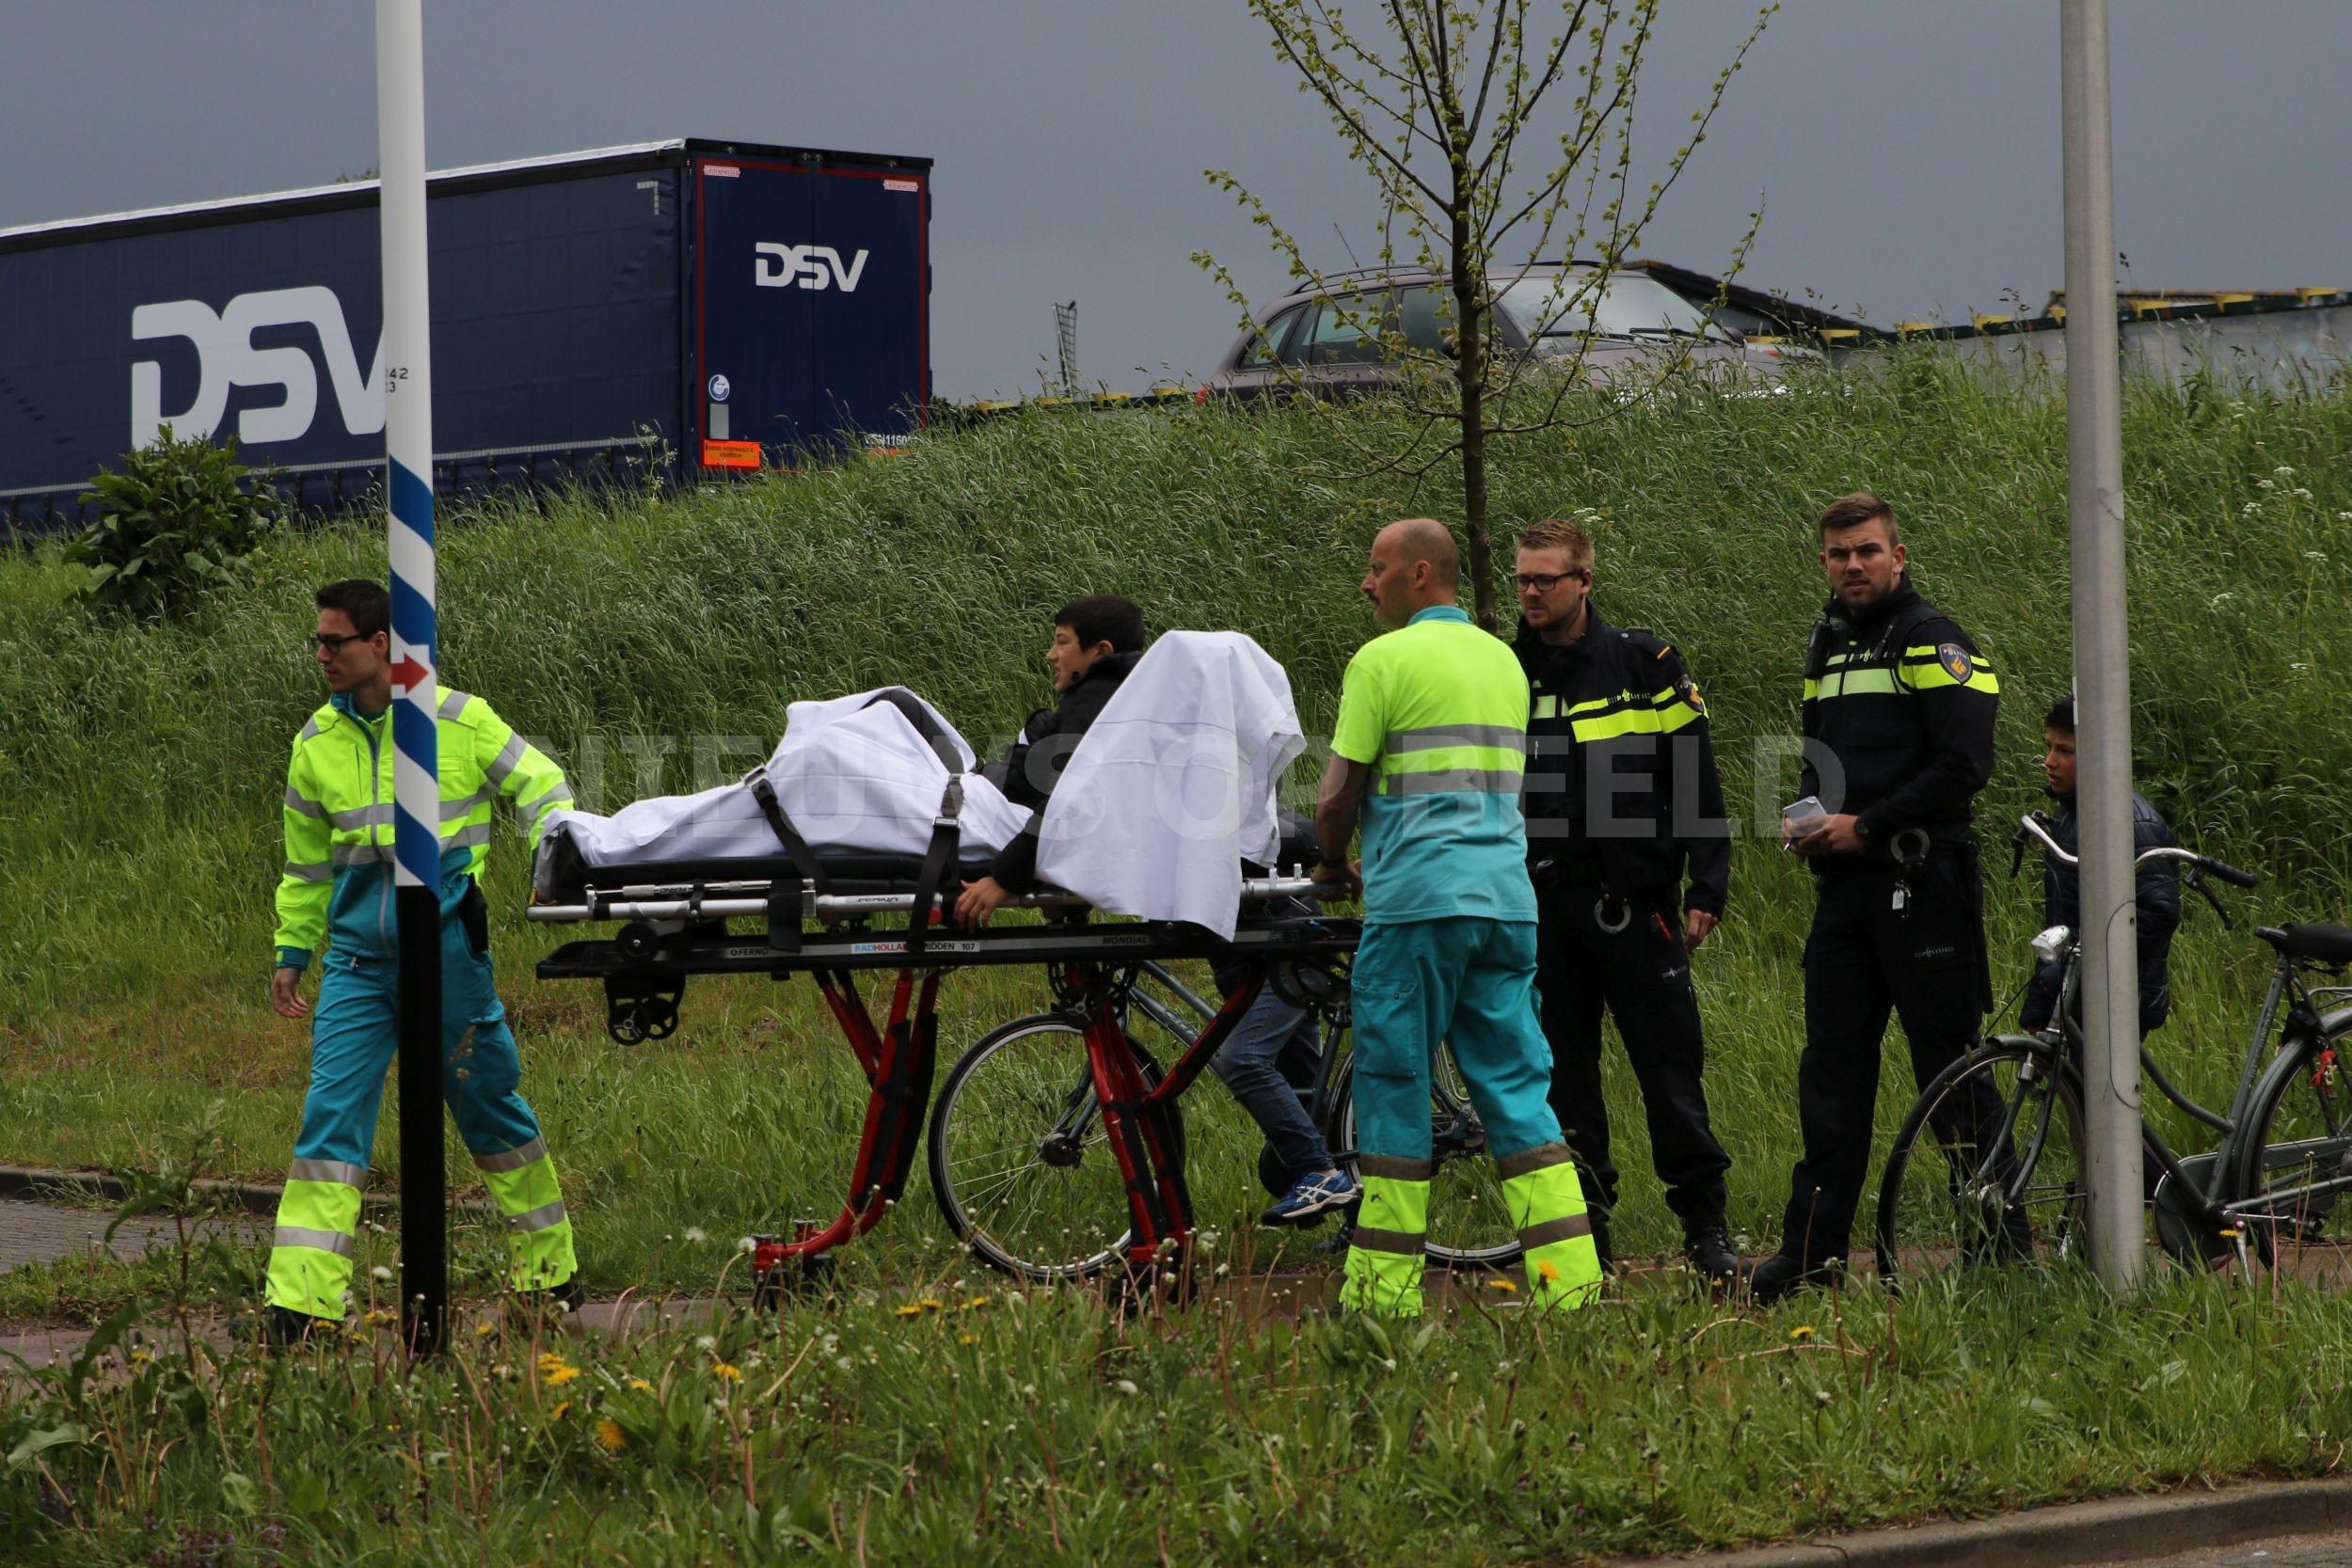 Omstanders zien jongen met fiets vallen en schieten te hulp Zijlstroom Leiderdorp